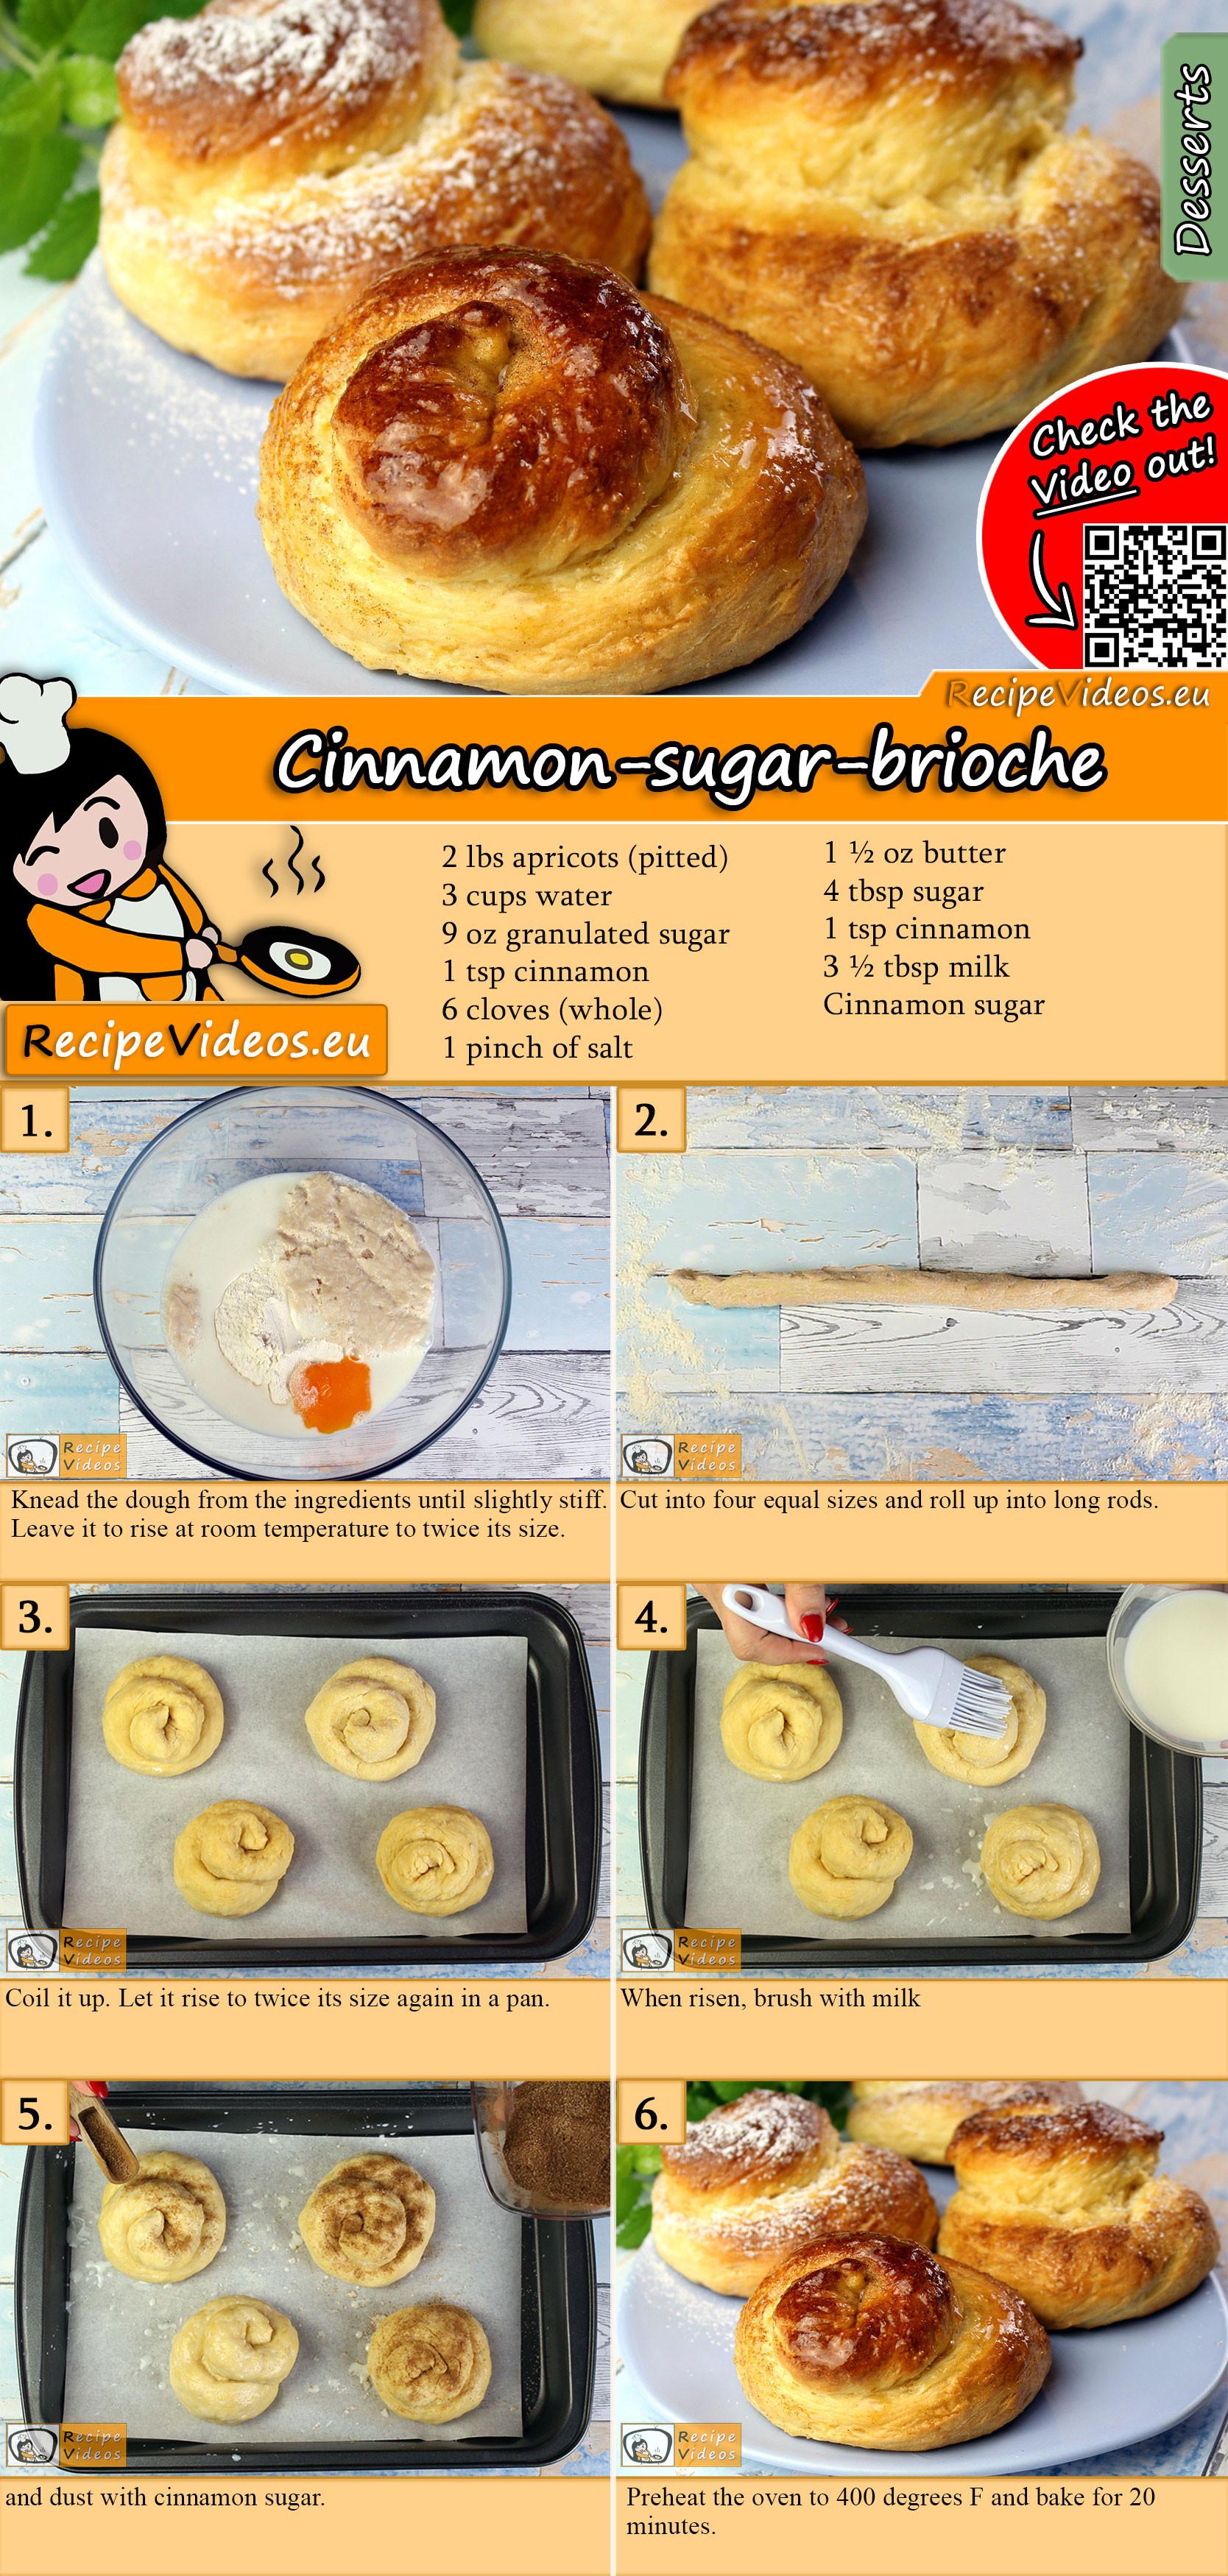 Cinnamon-sugar-brioche recipe with video